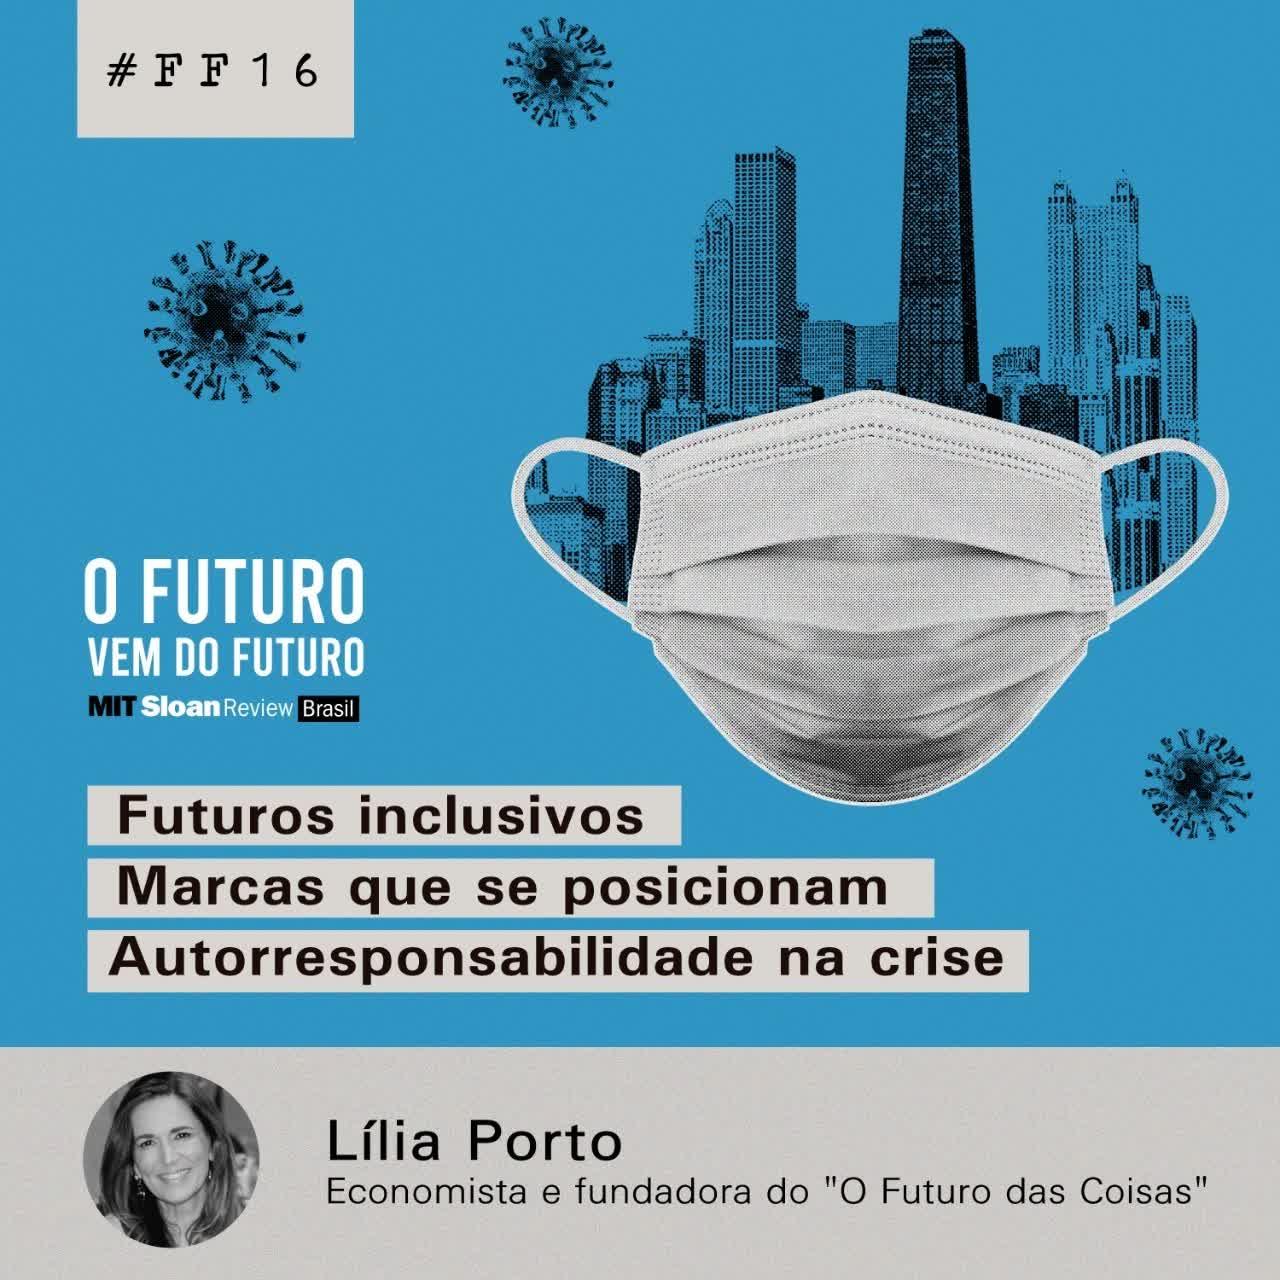 #16 - Lília Porto: futuros inclusivos, marcas que se posicionam, autorresponsabilidade na crise